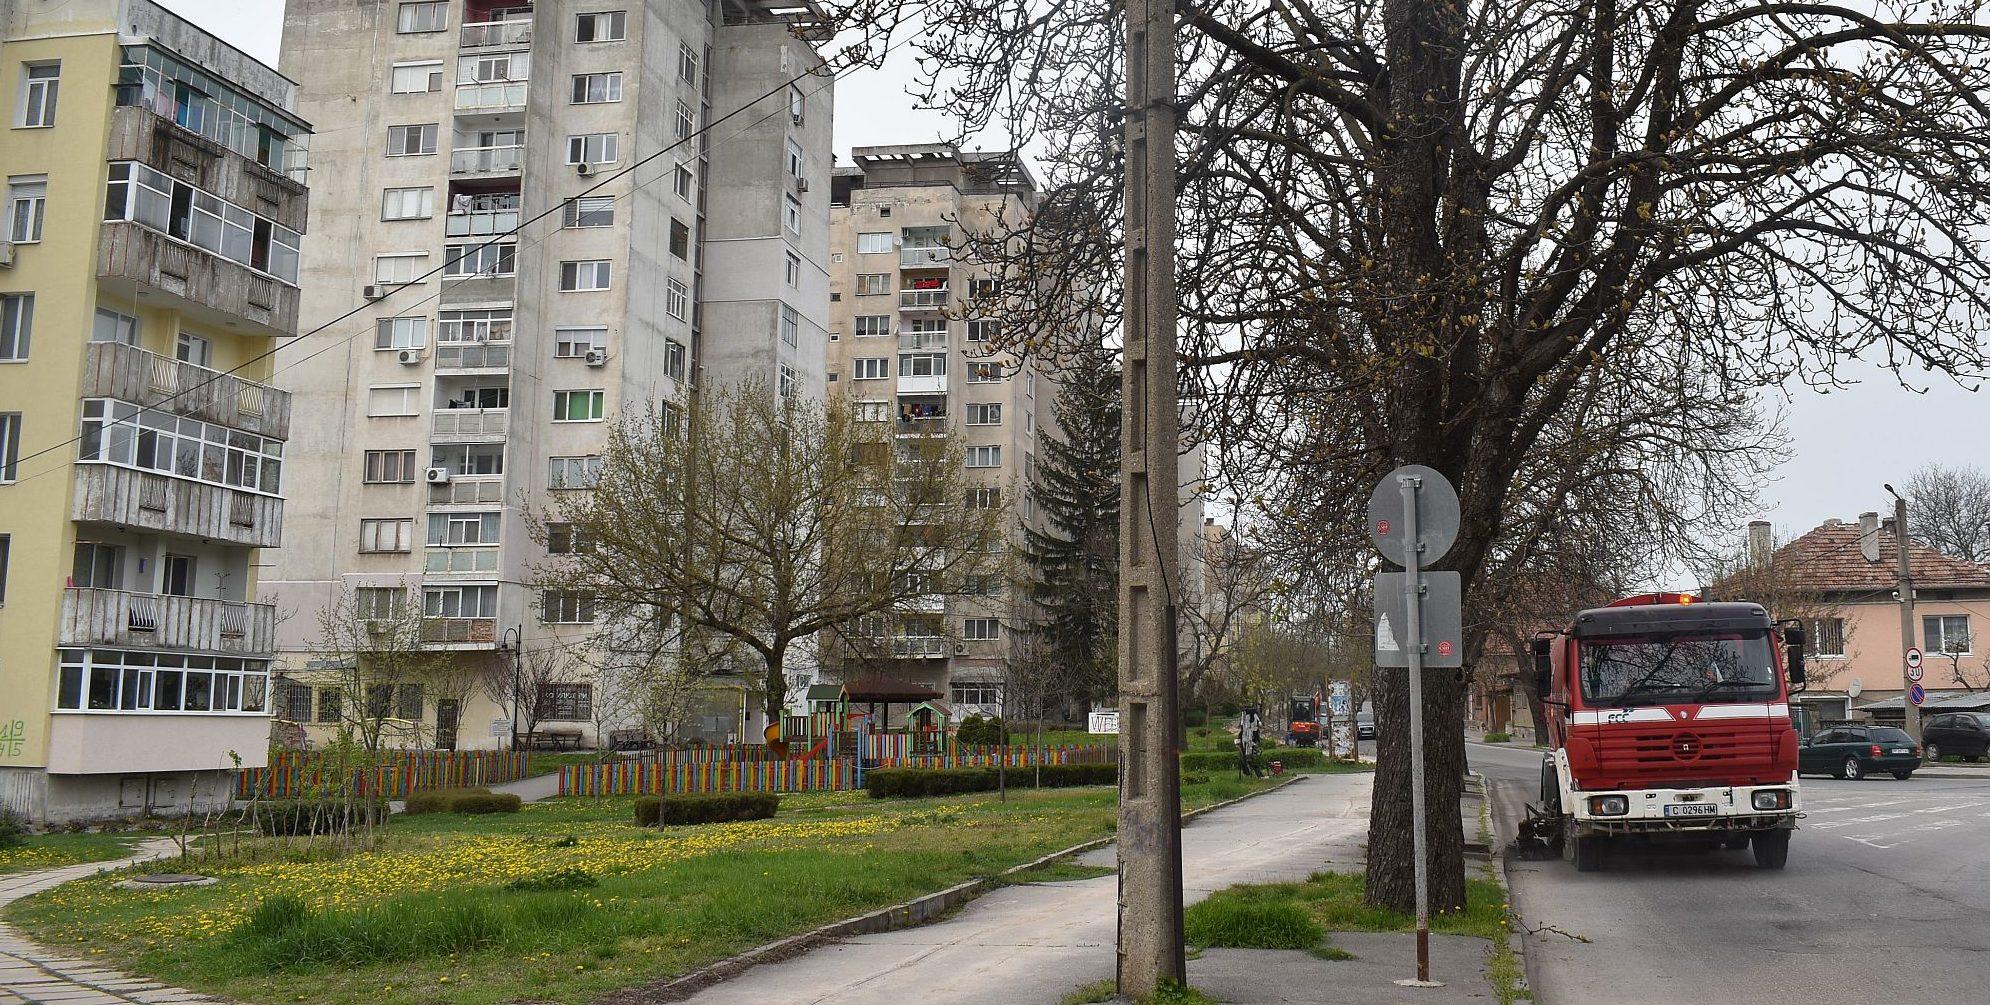 Поредна дезинфекция се извършва на улиците на Разград  ...